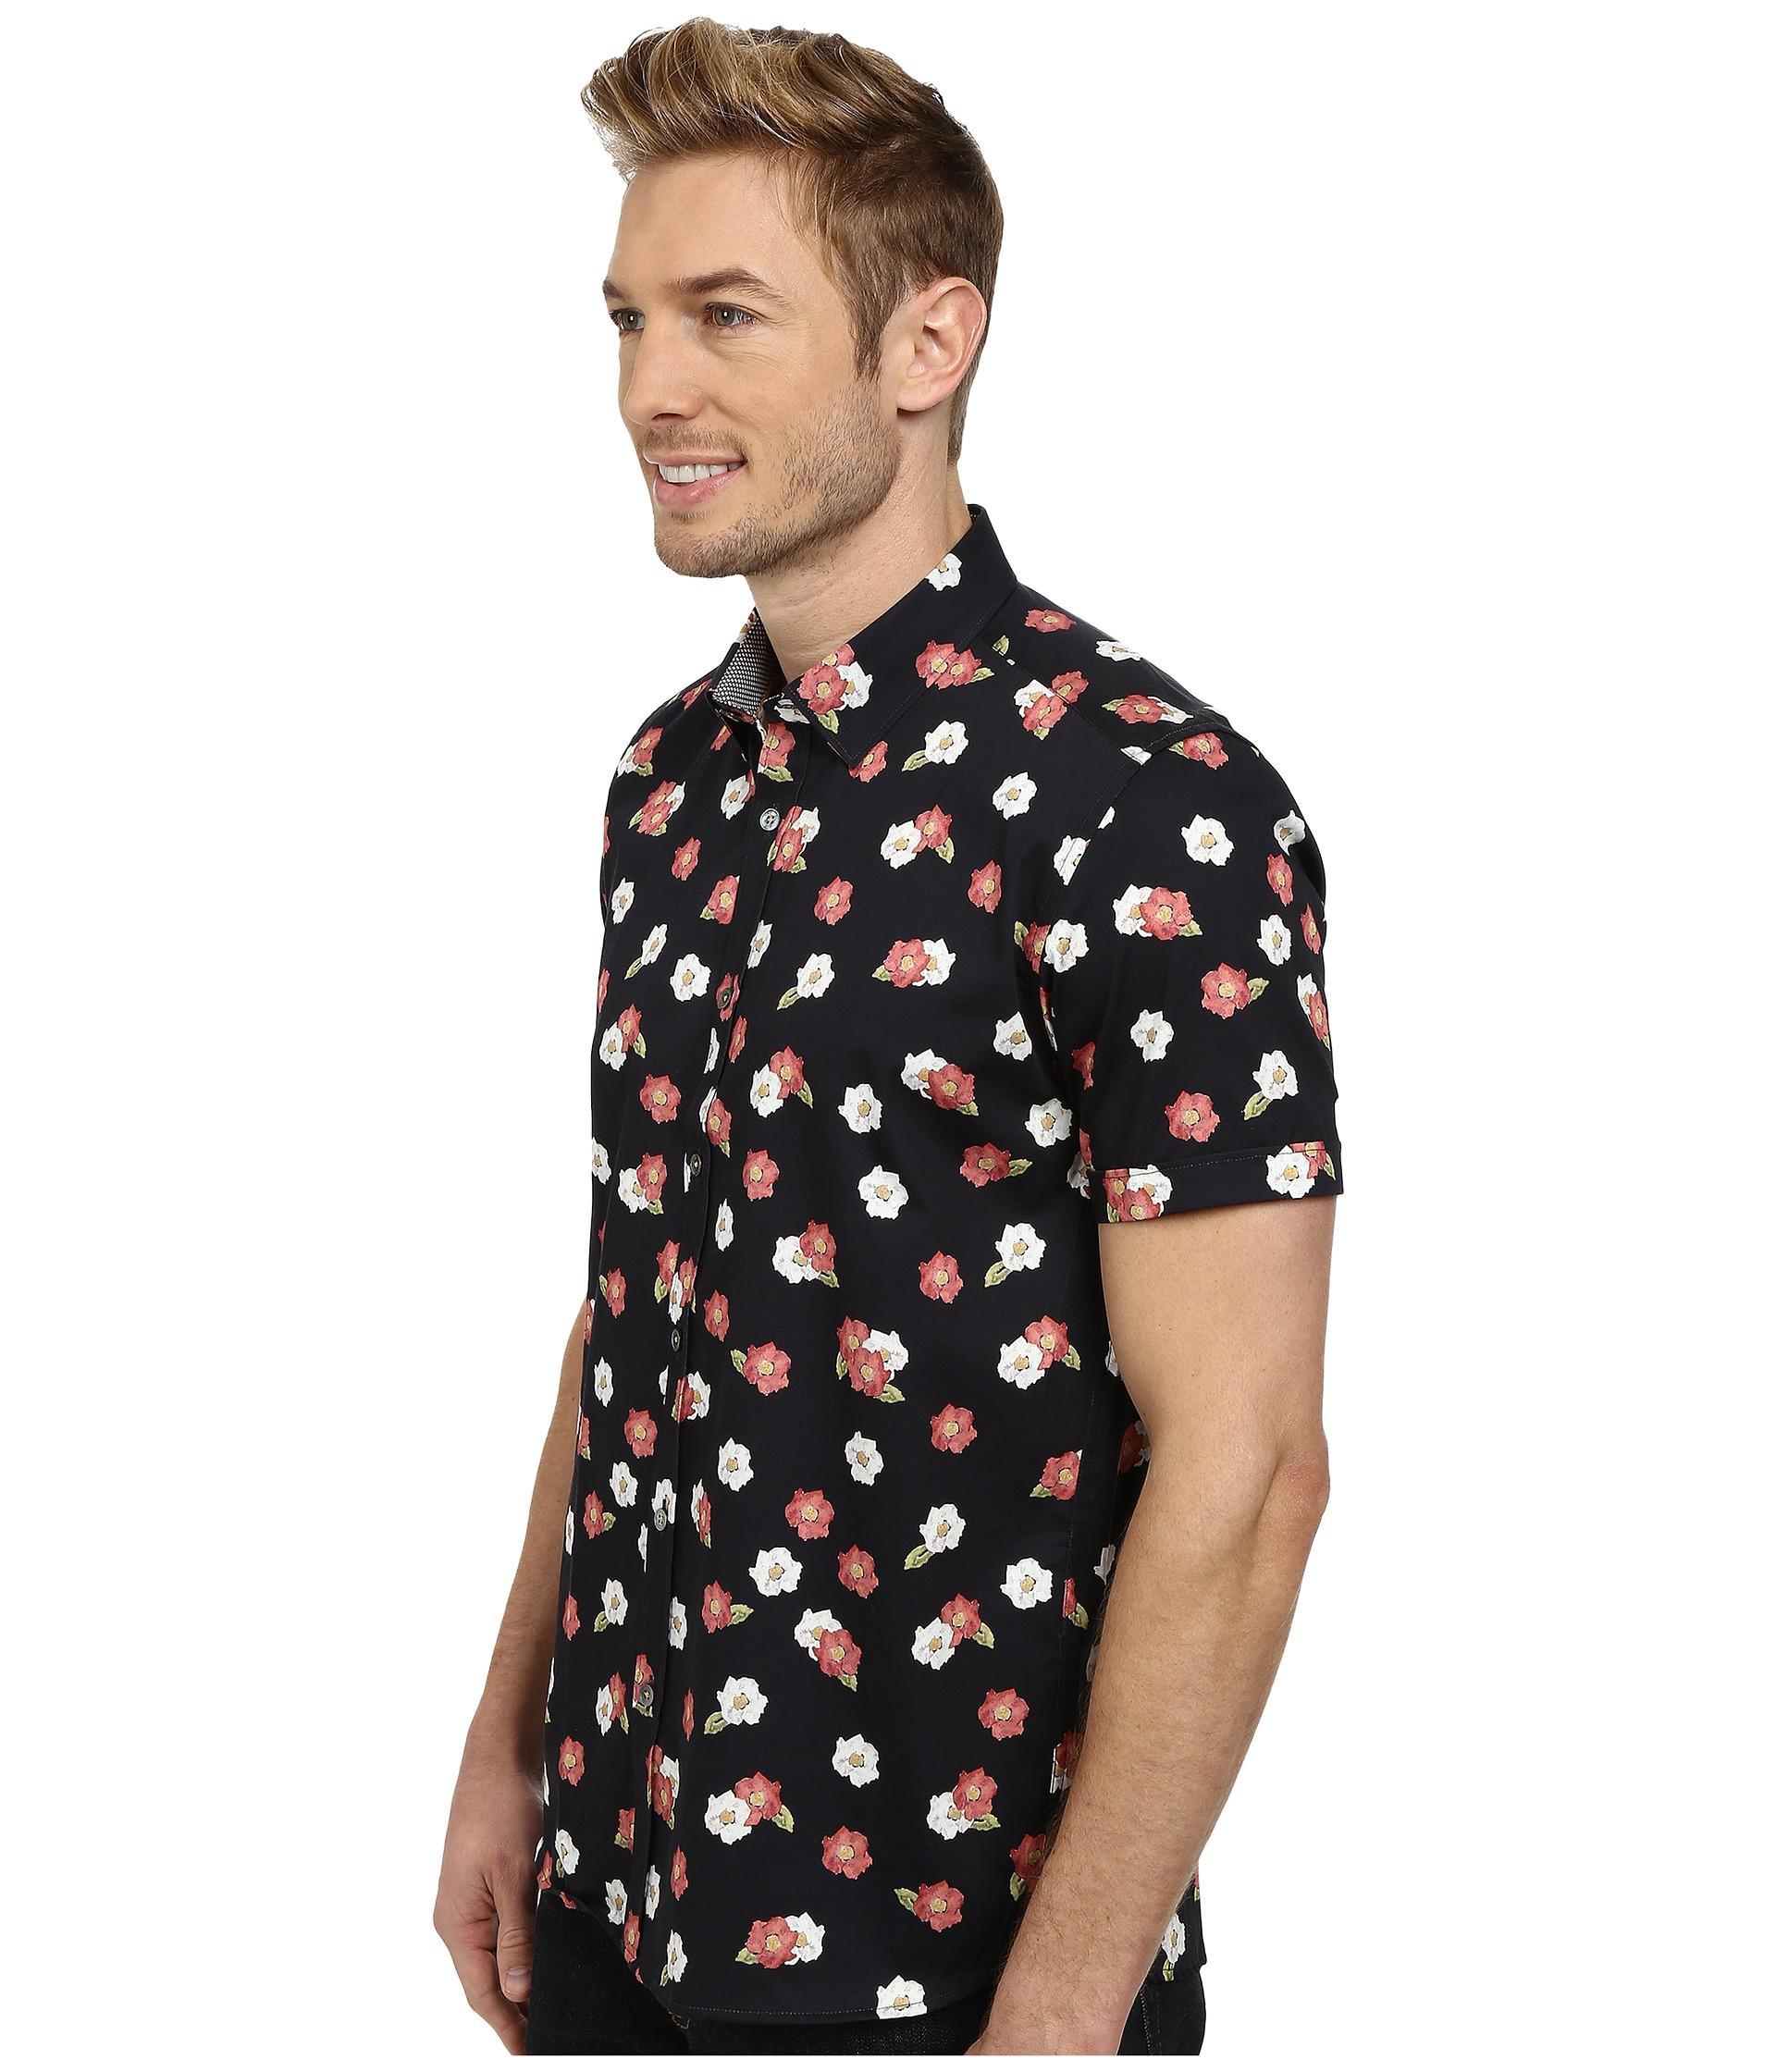 Slim Short Sleeve Floral Shirt - Navy Ted Baker Sneakernews For Sale tTrfb